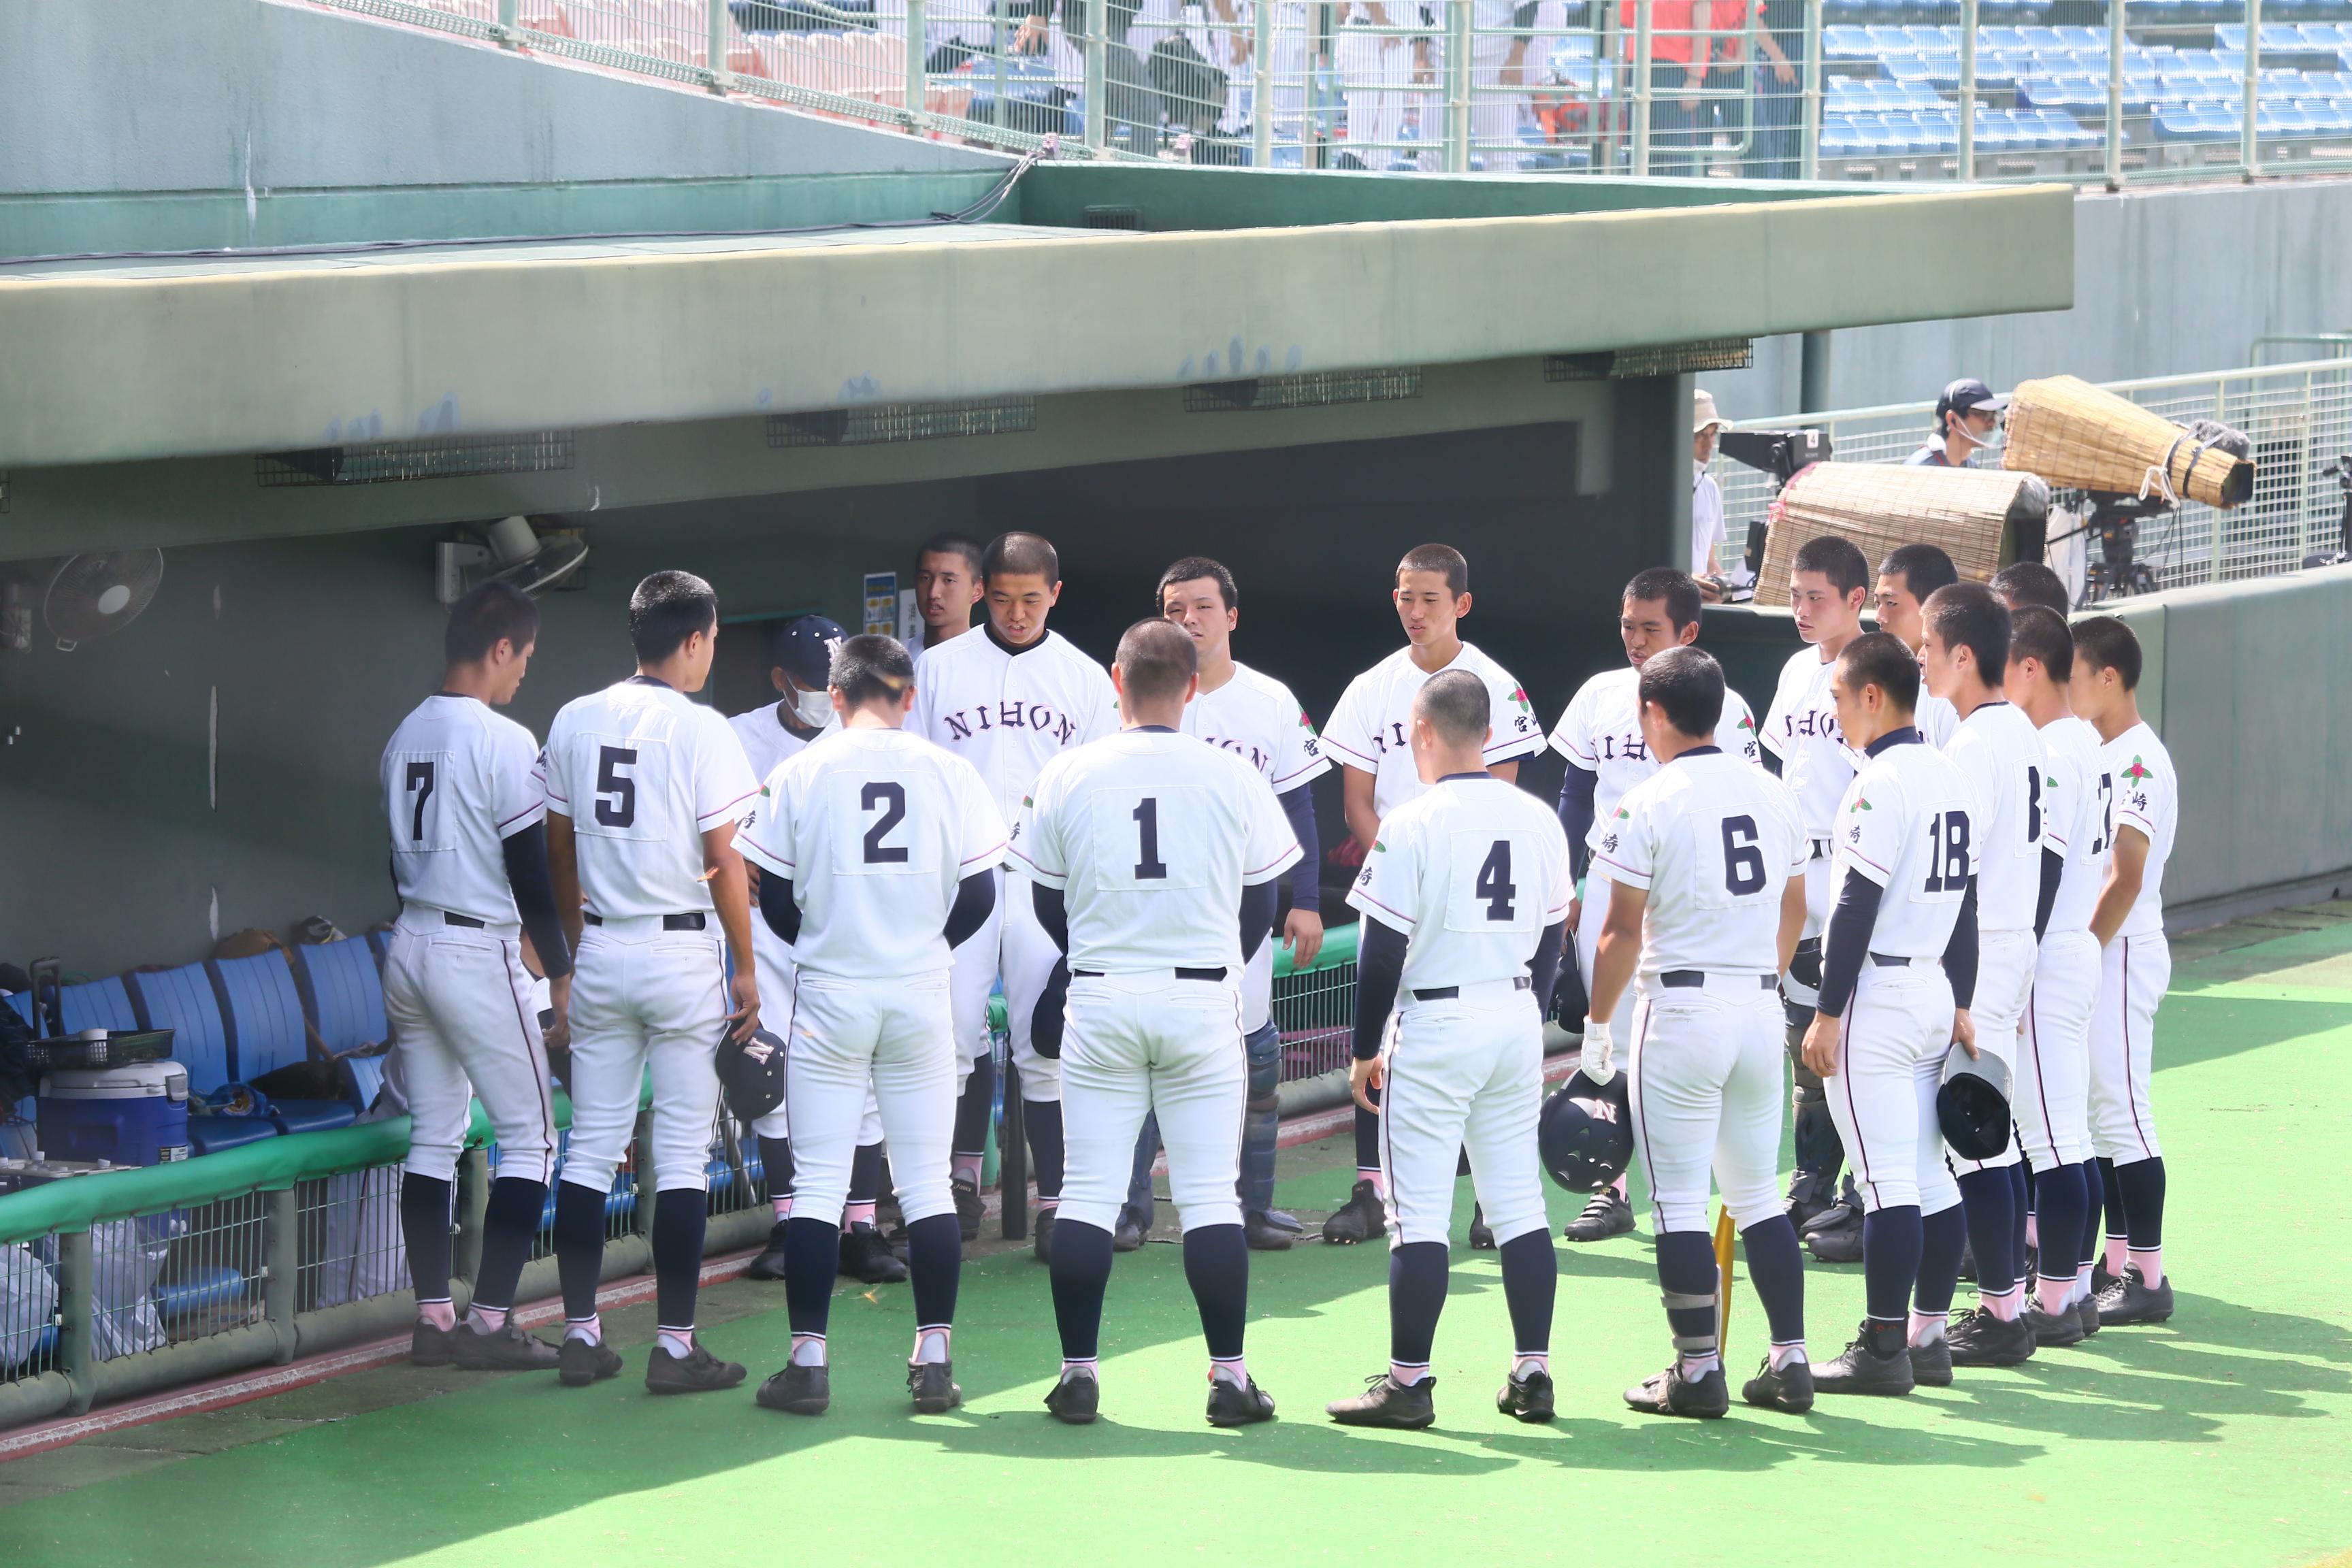 宮崎 高校 爆 サイト 野球